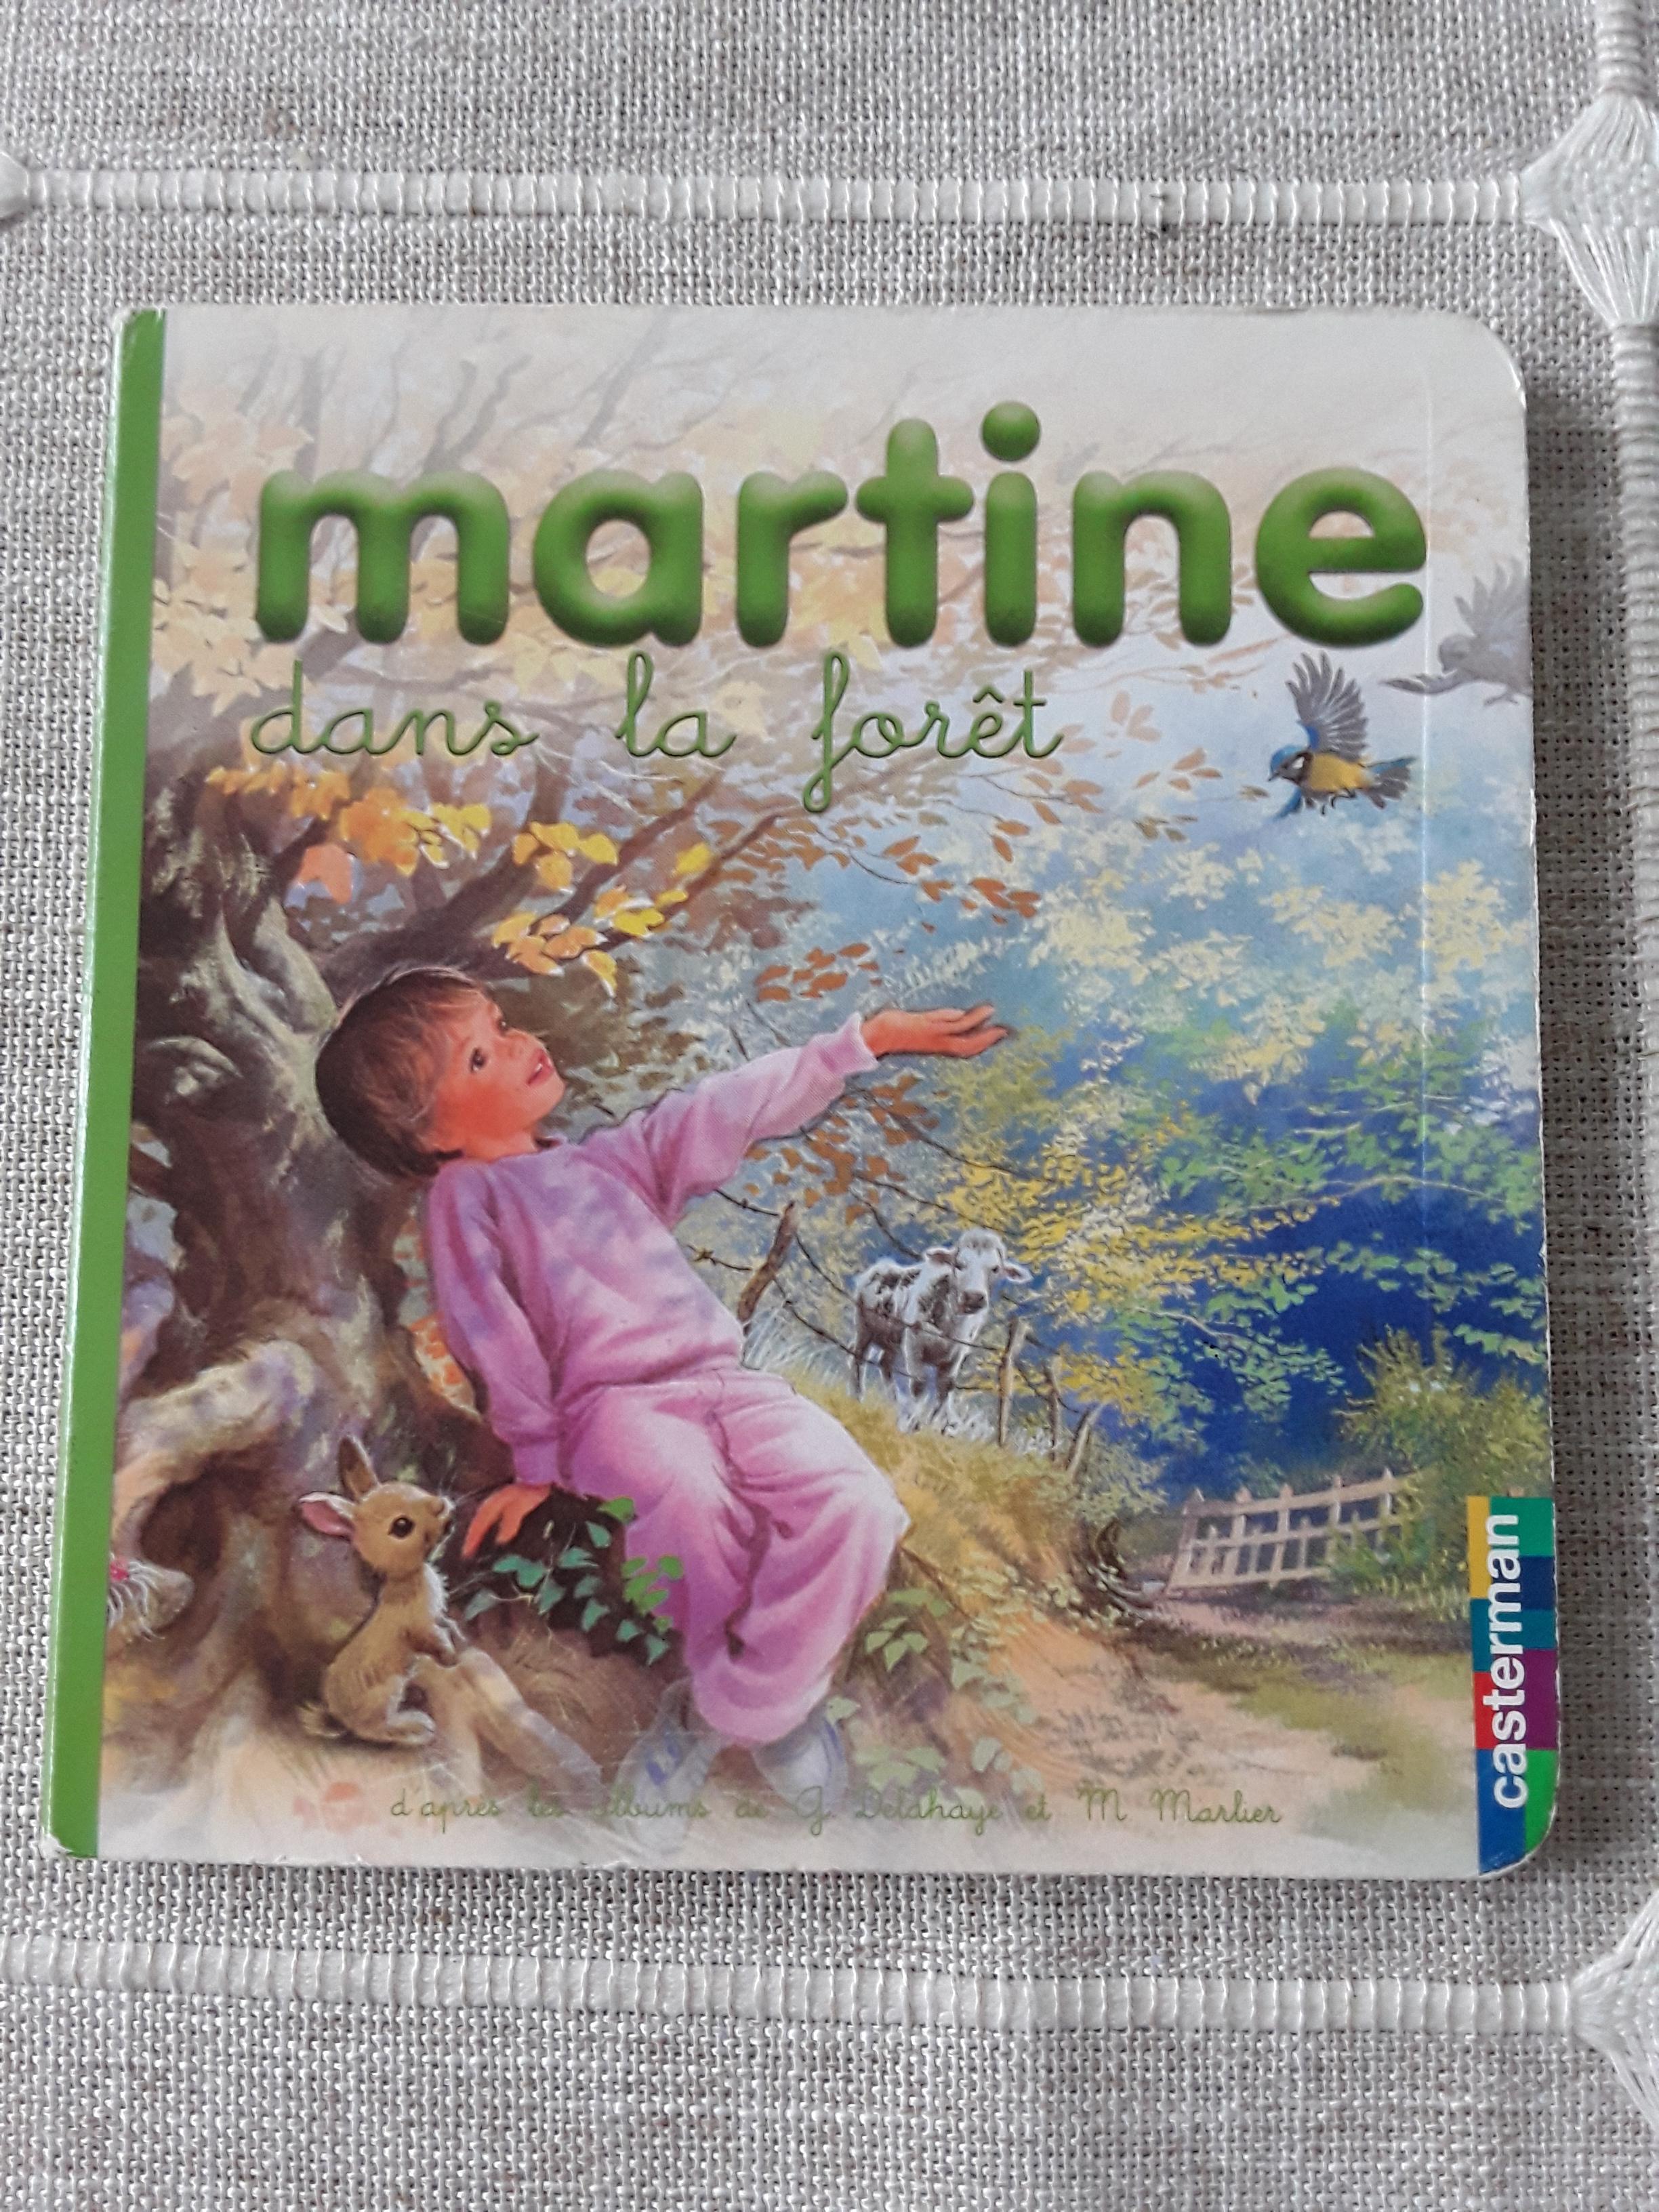 troc de troc petit livre cartonné martine dans la forêt image 0